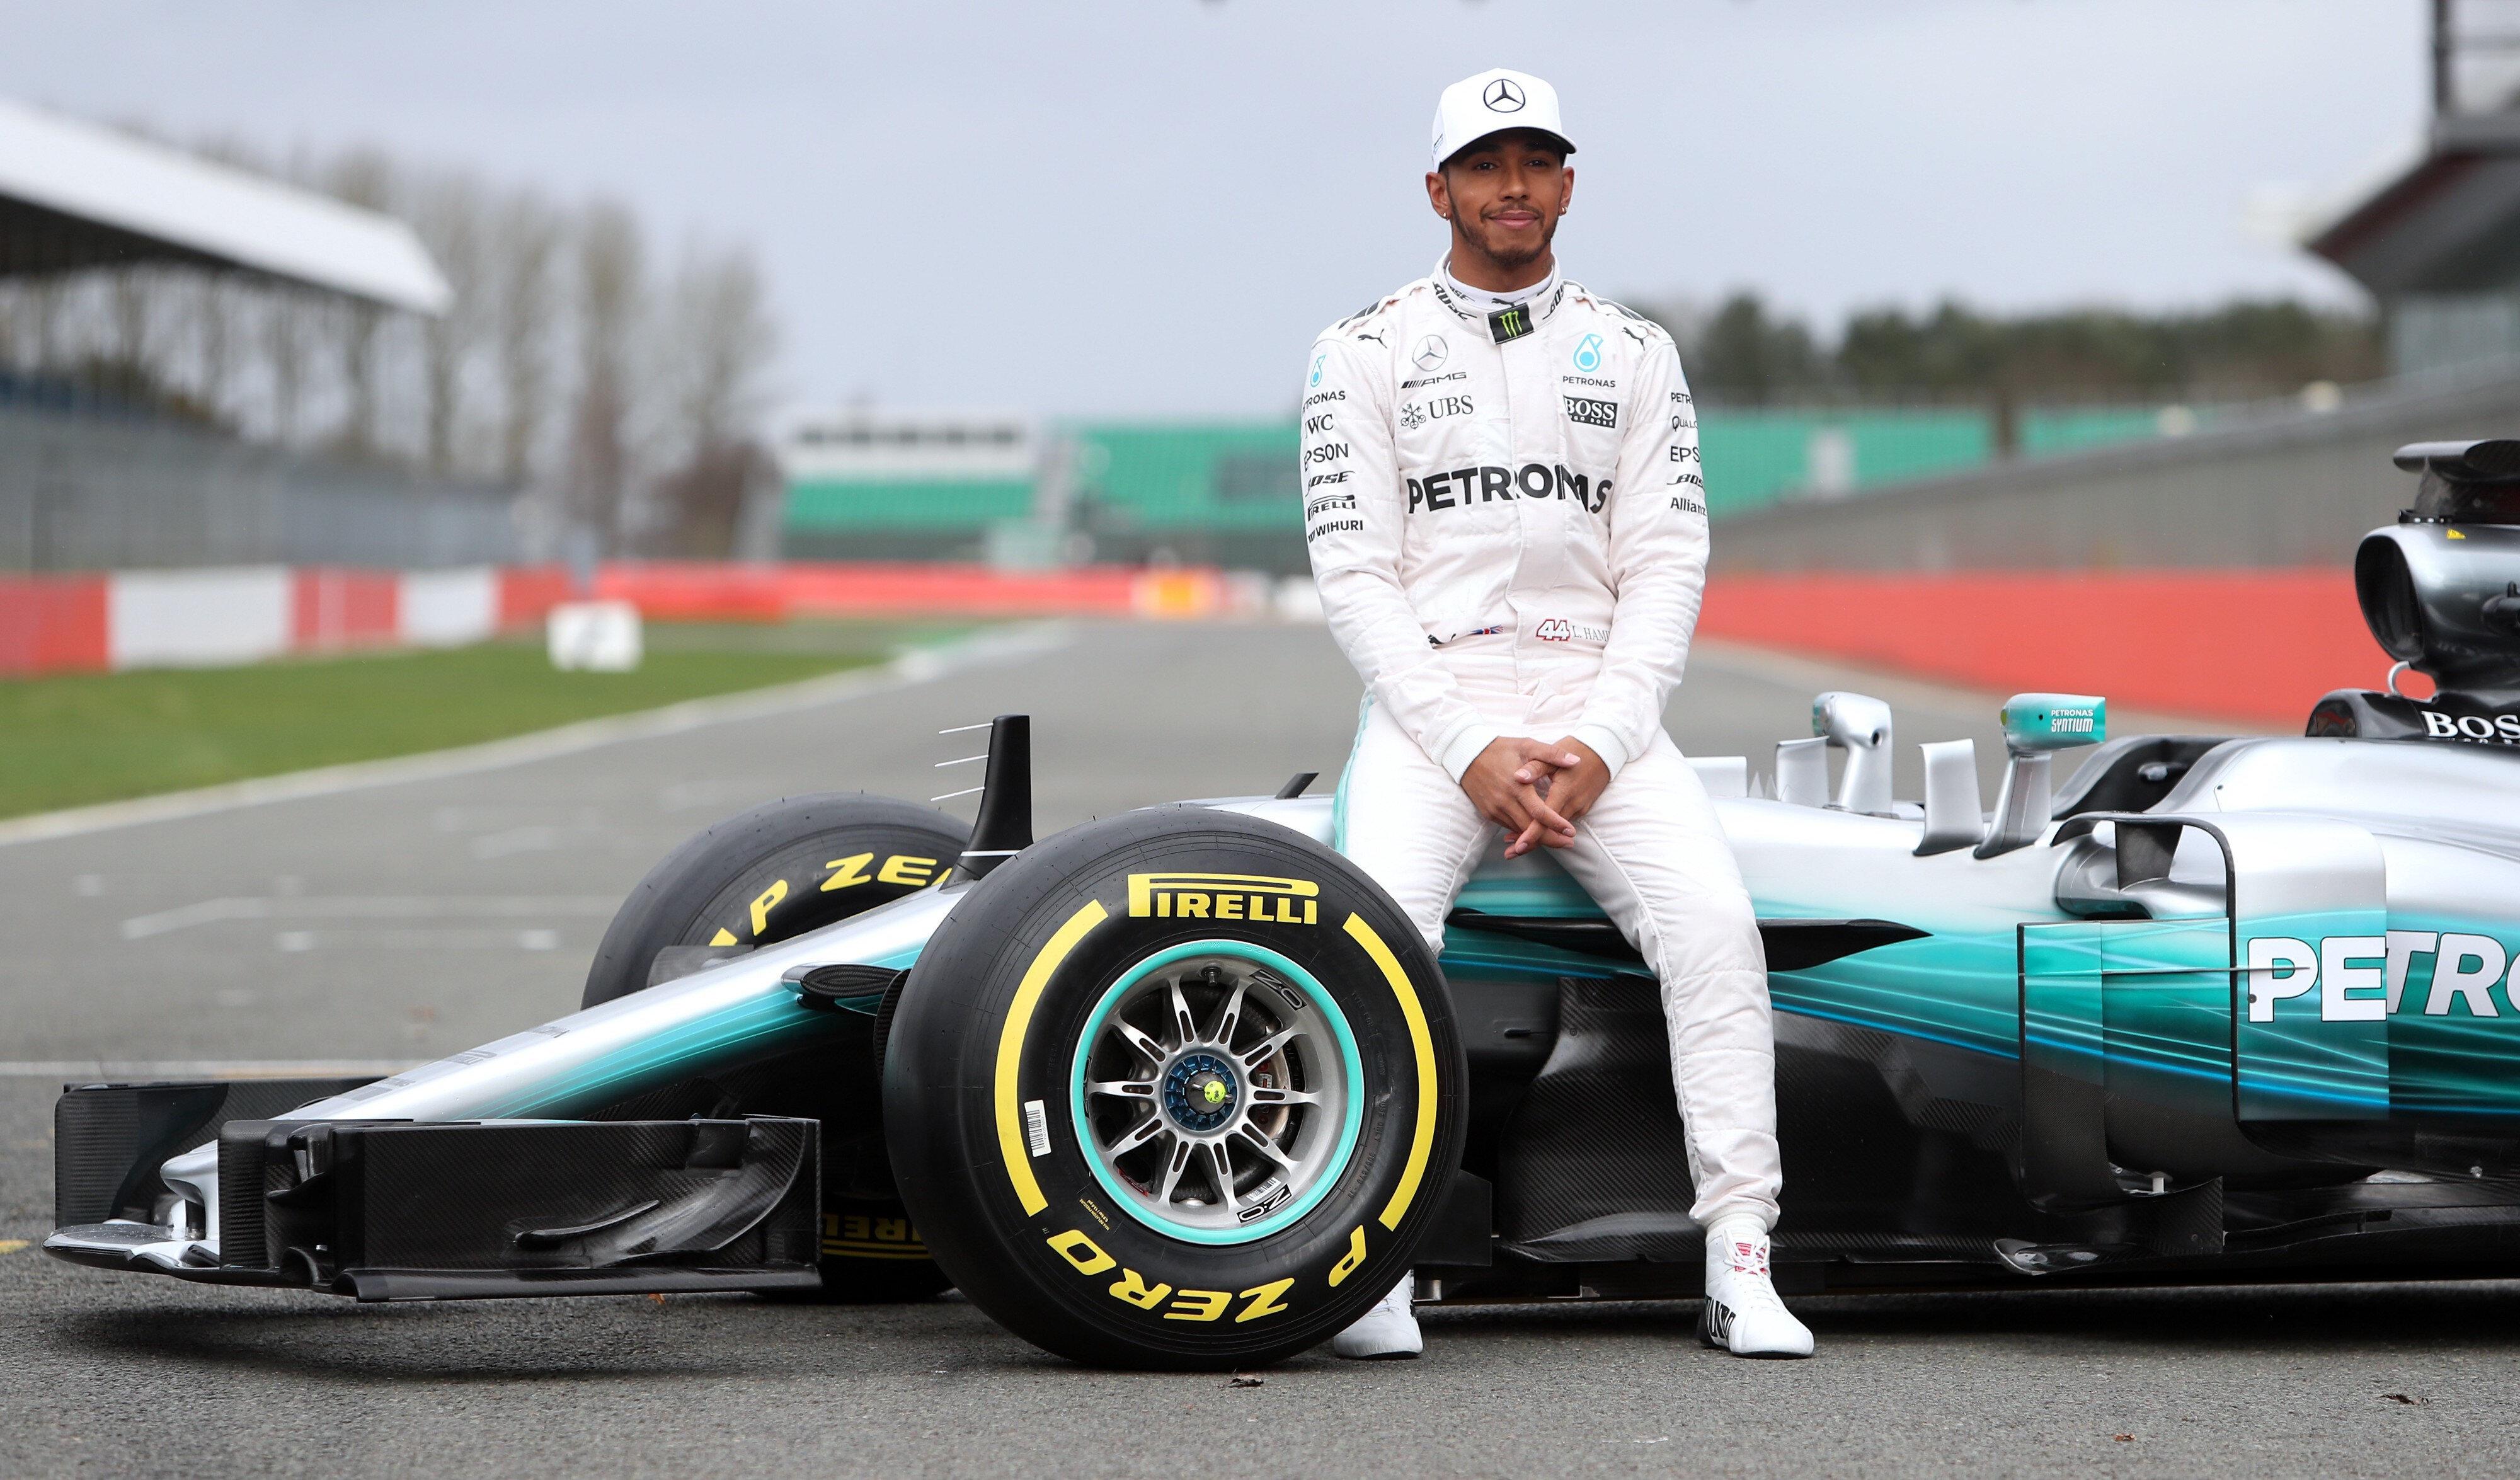 Lewis Hamilton pilotlar sıralamasında 1. sırada bulunuyor.